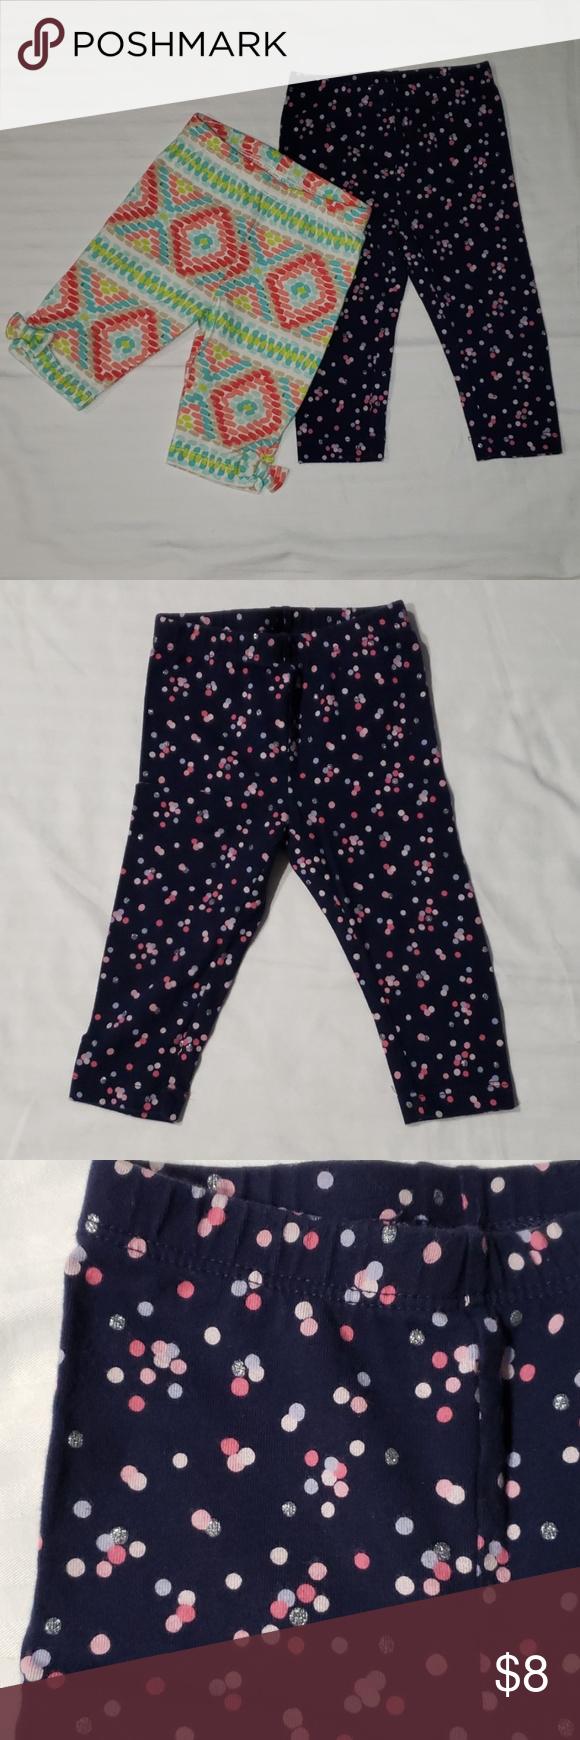 Gymboree Girls Printed Capri Leggings